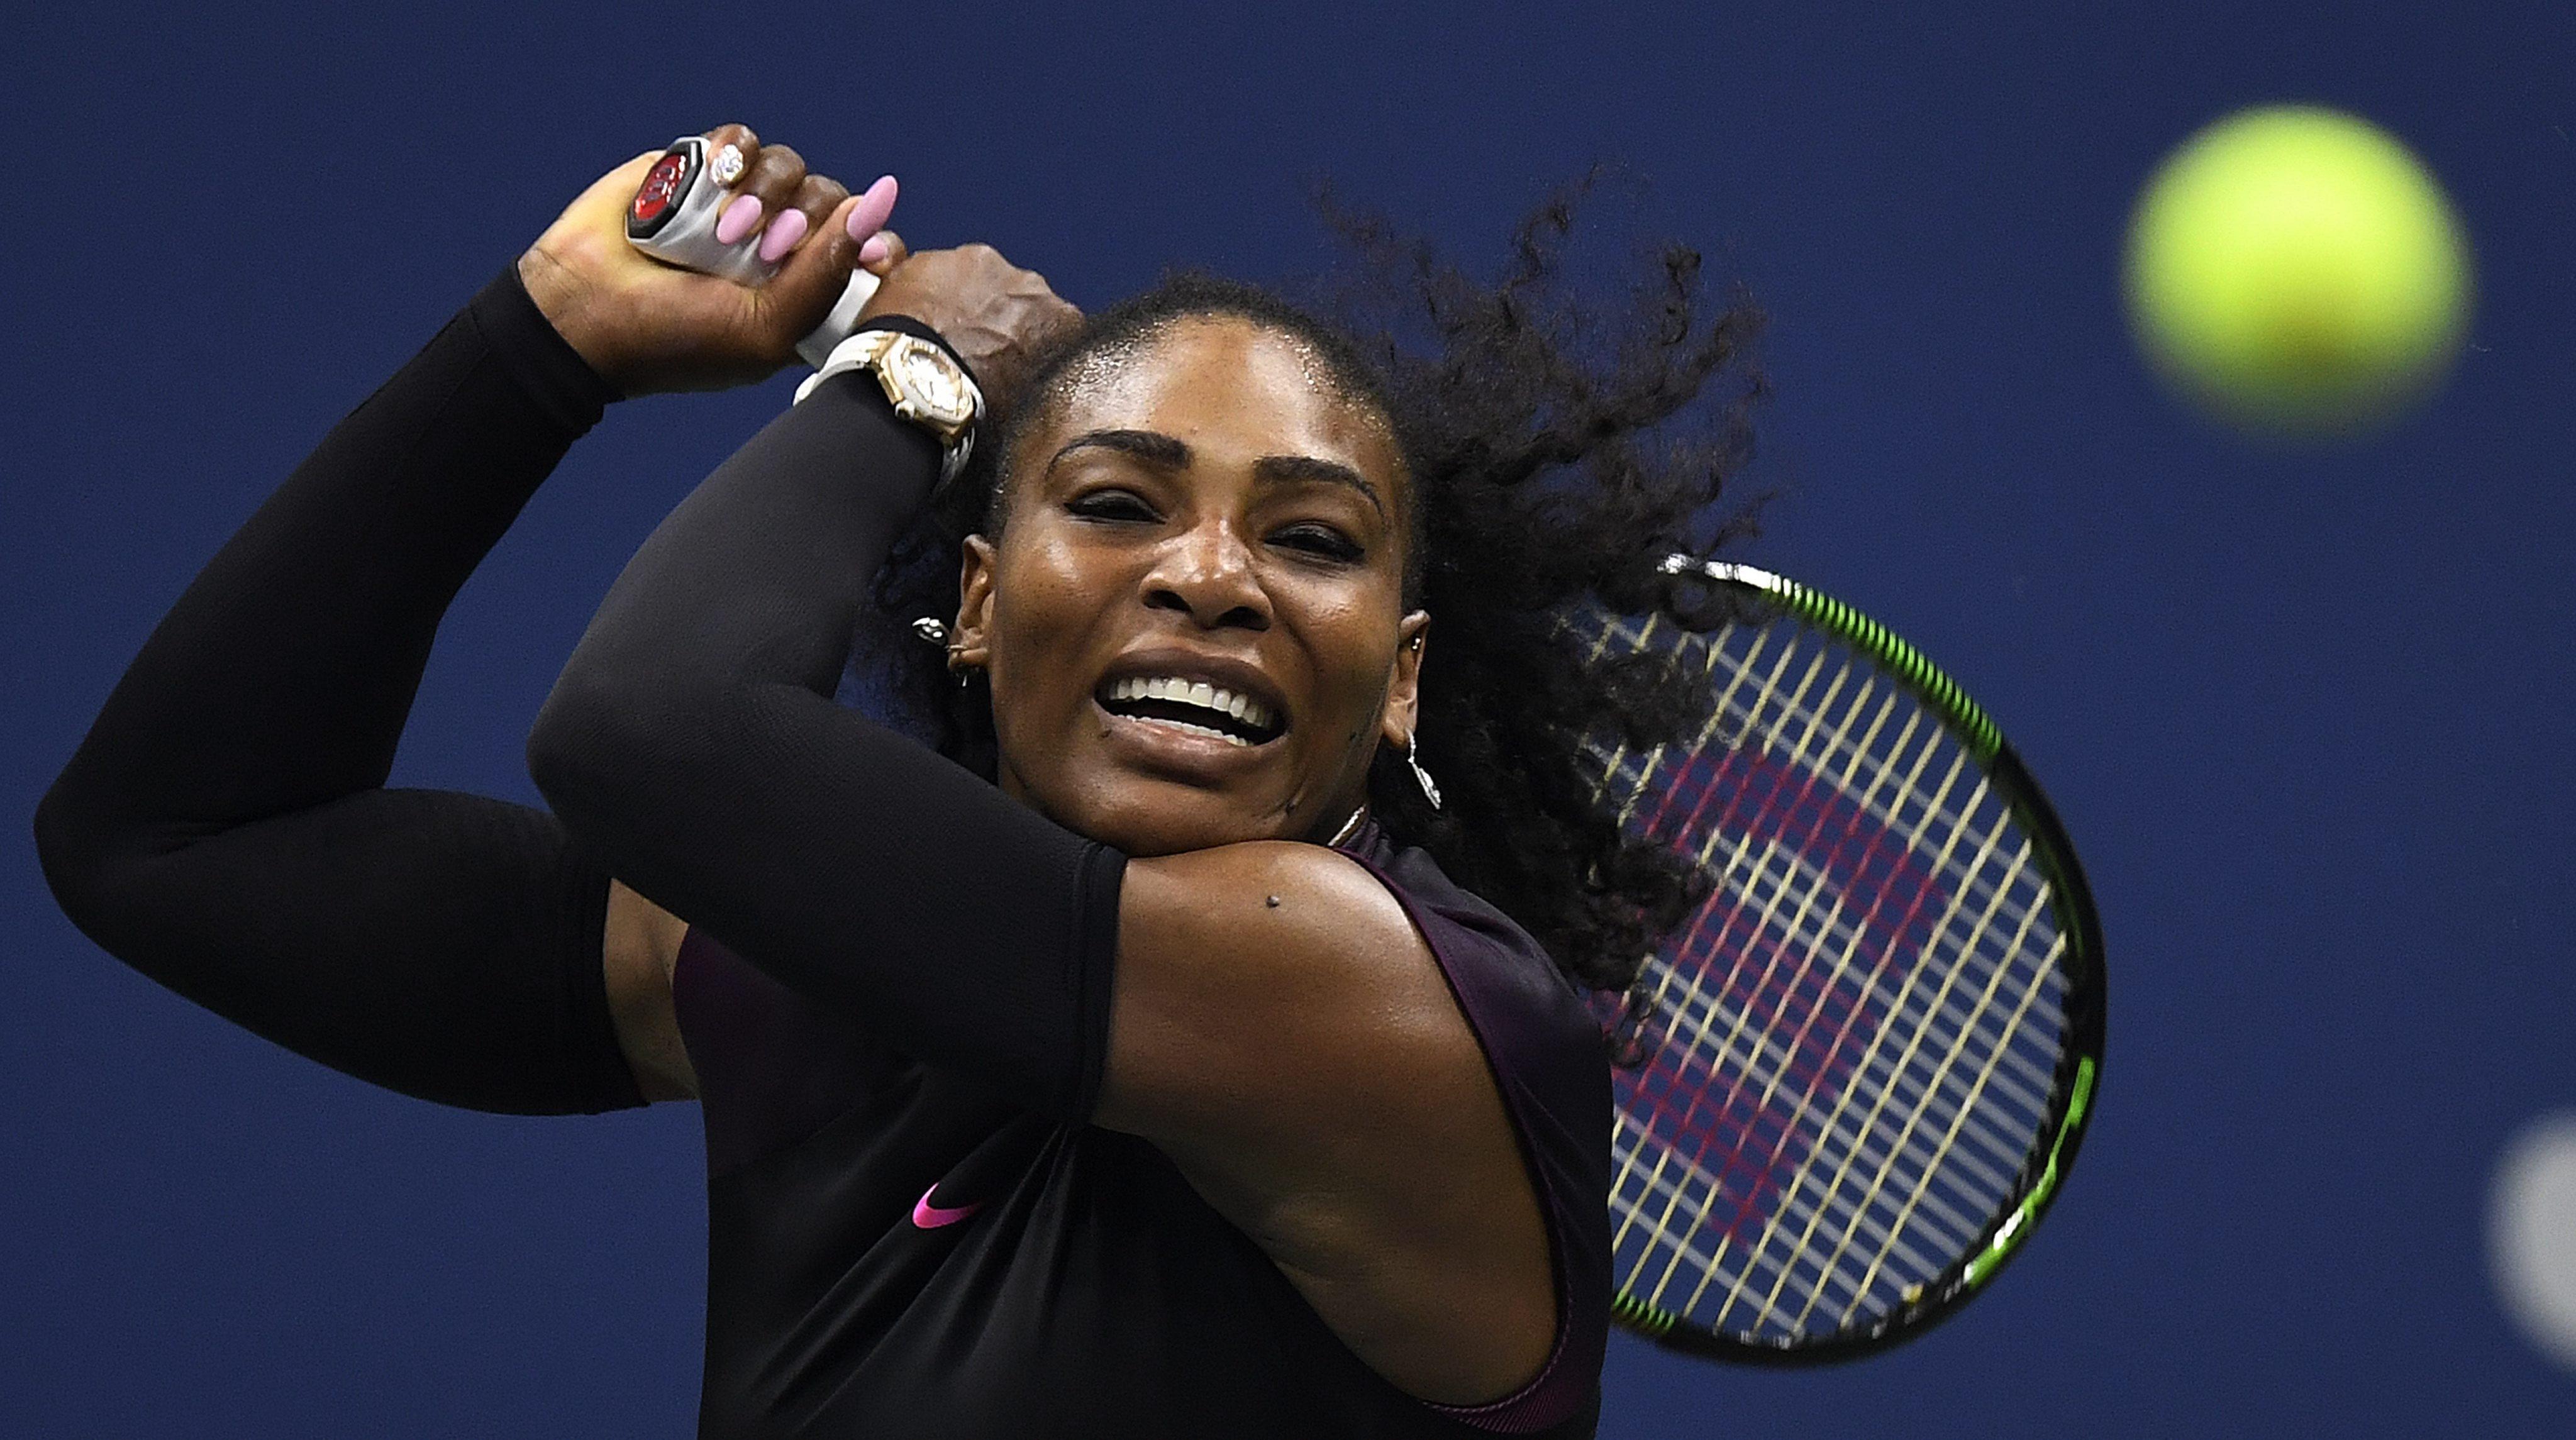 Venus Williams Background